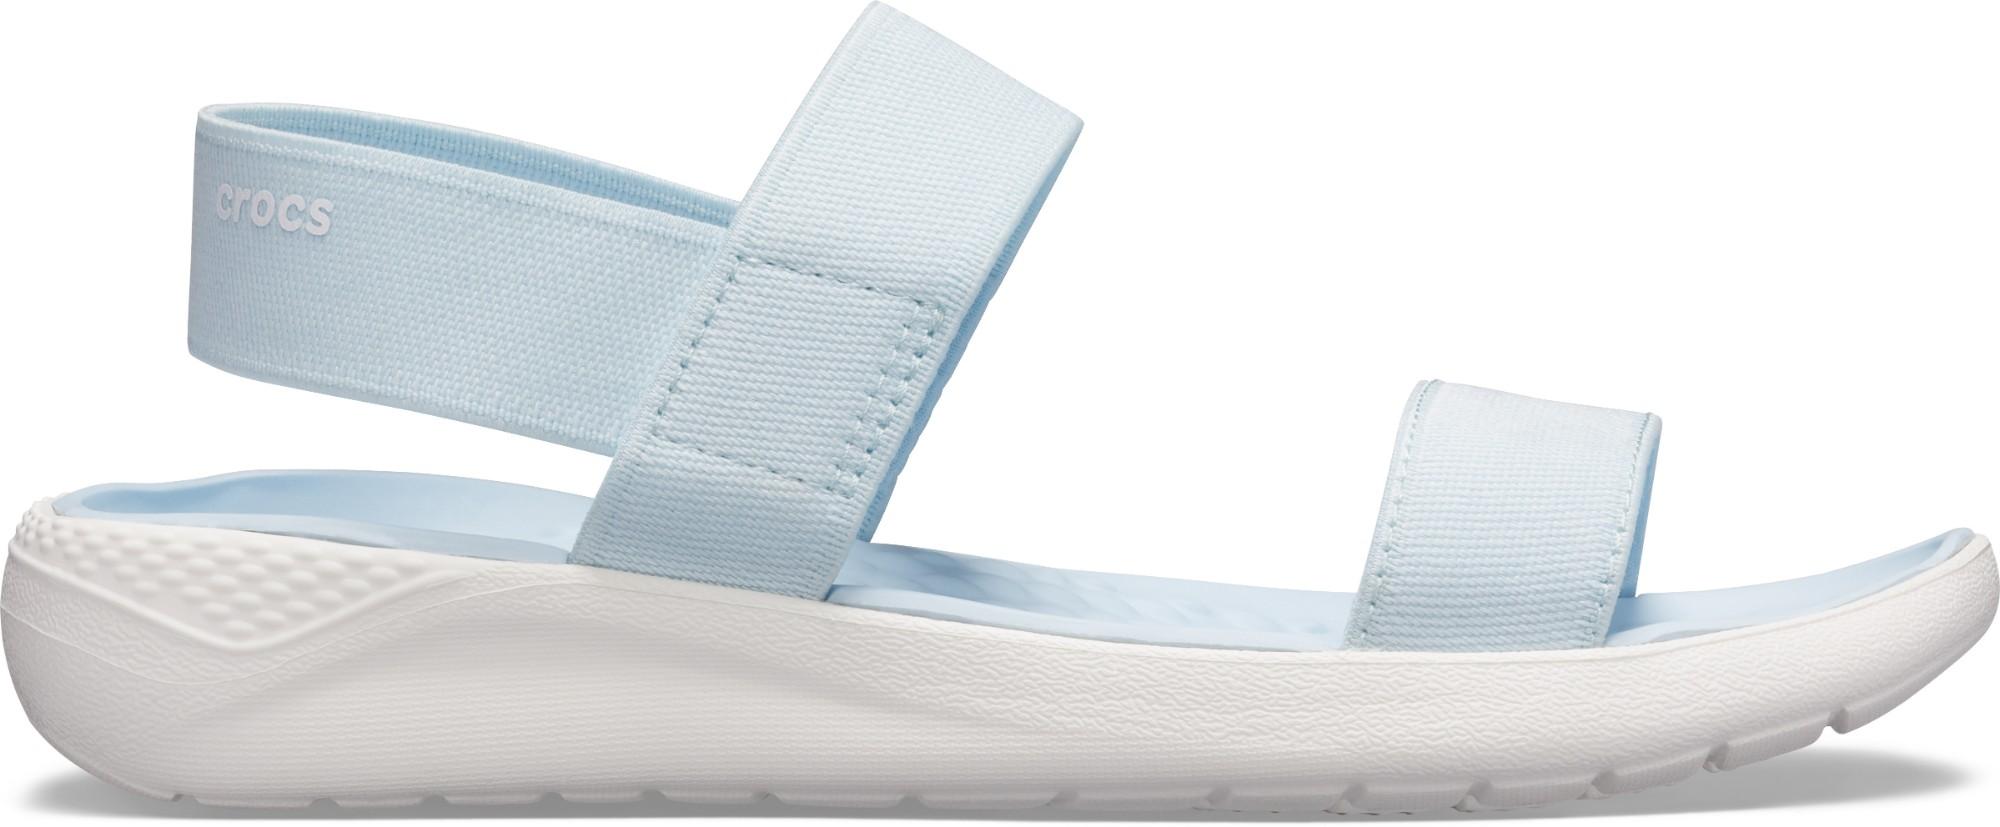 Crocs™ Women's LiteRide Sandal Mineral Blue/White 36,5